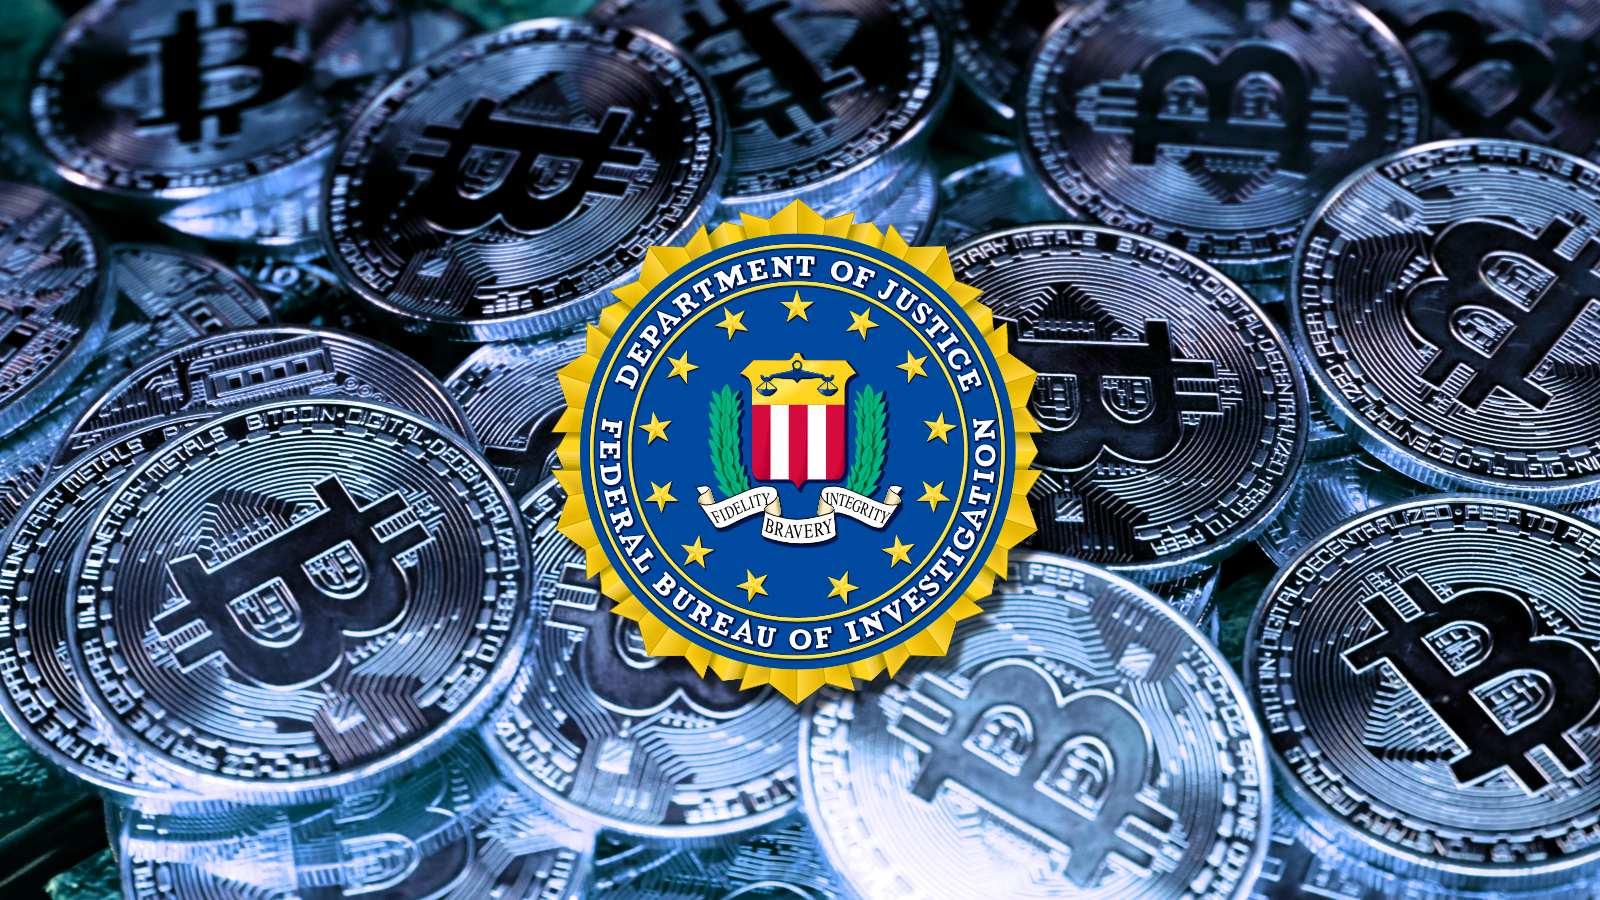 El FBI advierte a los propietarios de criptomonedas e intercambios de ataques en curso